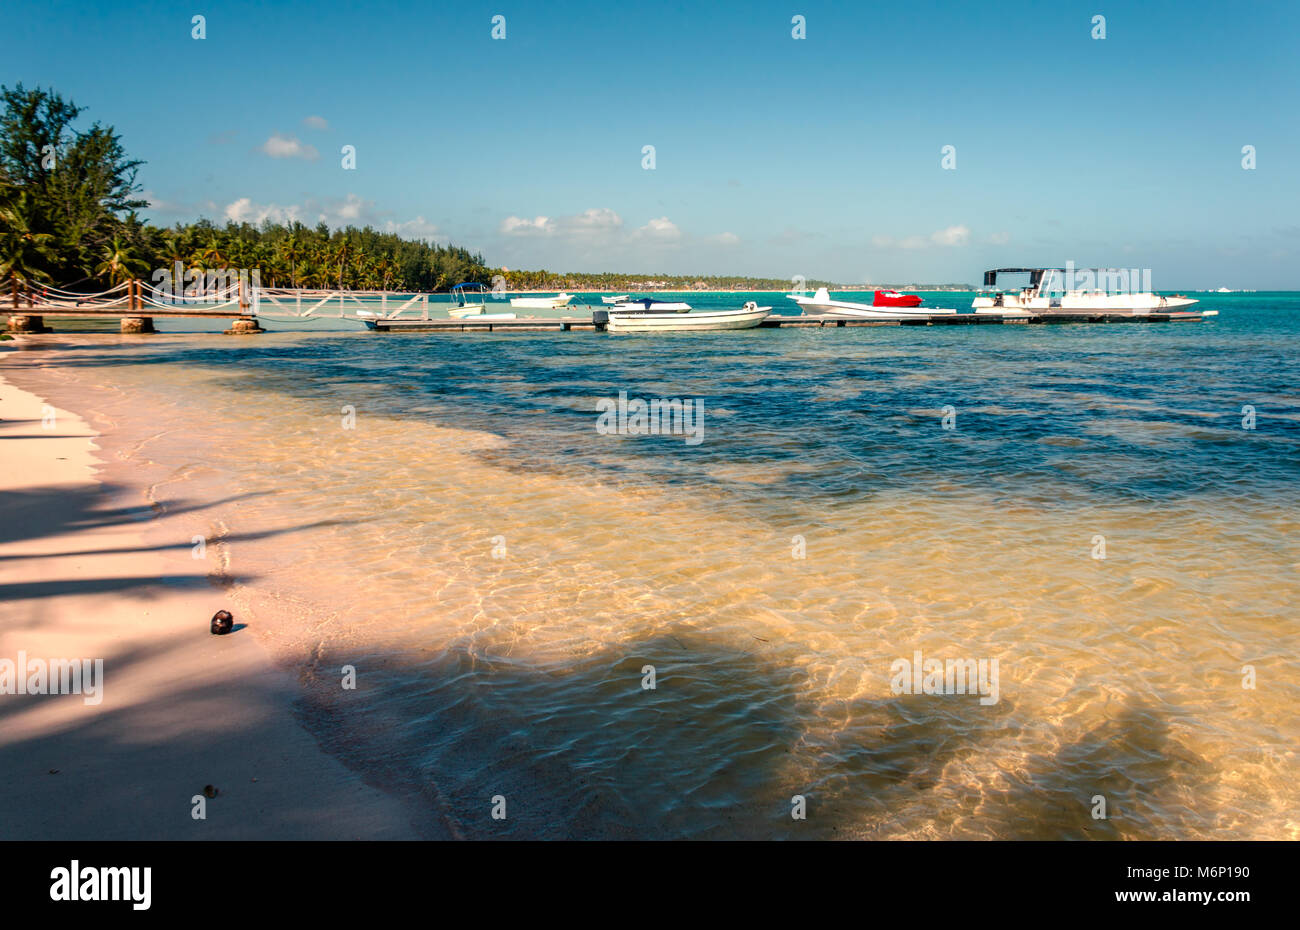 Una spiaggia tropicale con chiare acque oceaniche, noce di cocco sul pesce persico, un molo con barche e yacht, Immagini Stock